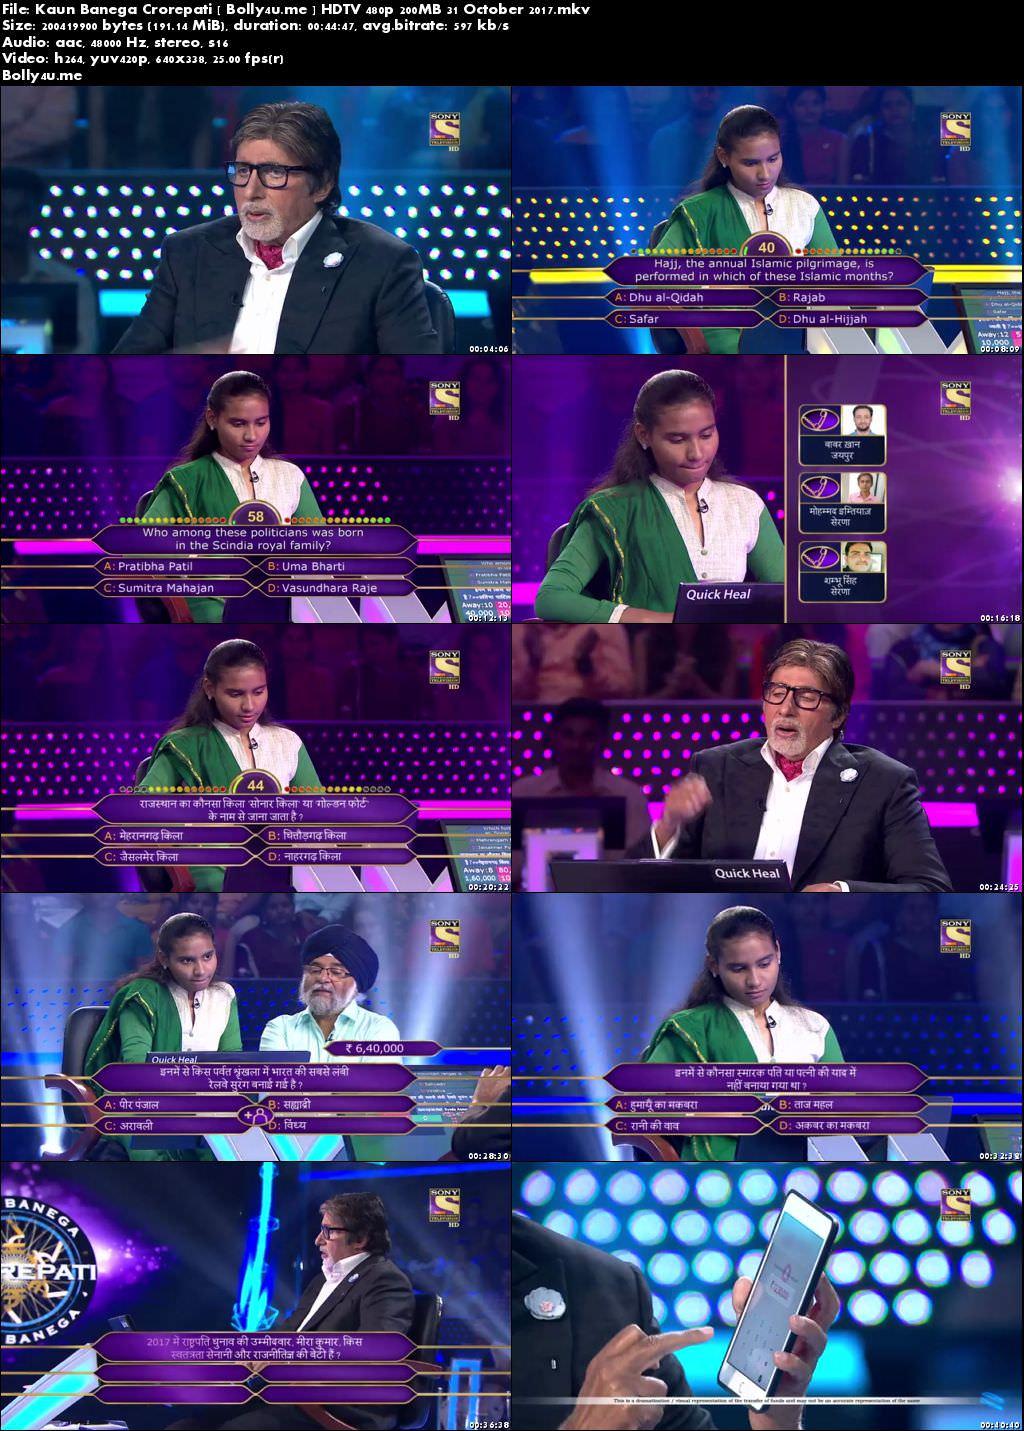 Kaun Banega Crorepati HDTV 480p 200MB 31 October 2017 Download